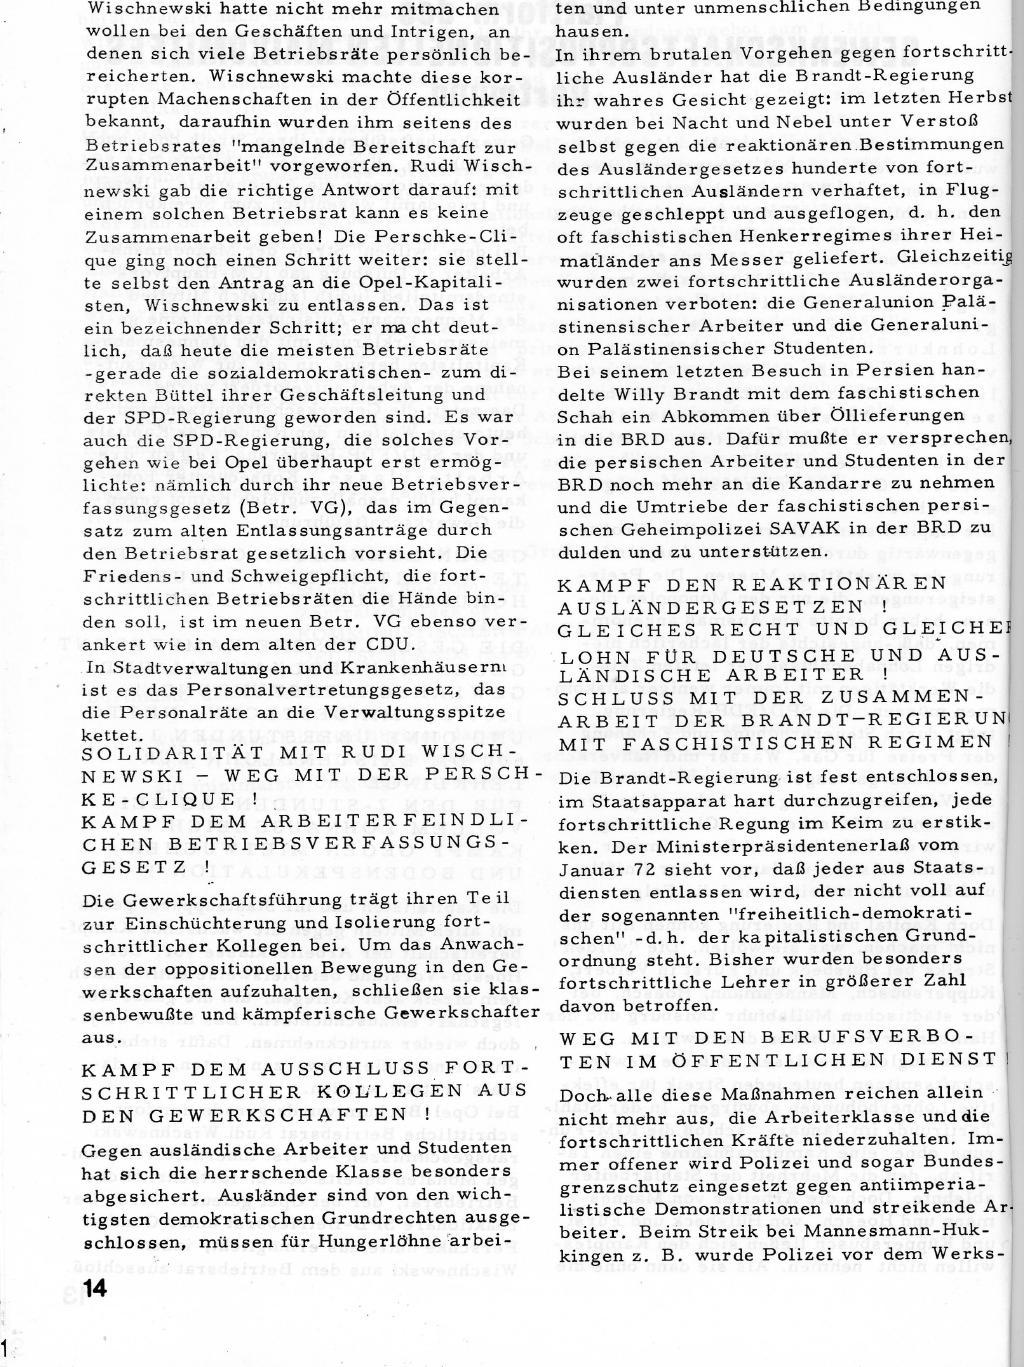 RPK_1973_011_012_14